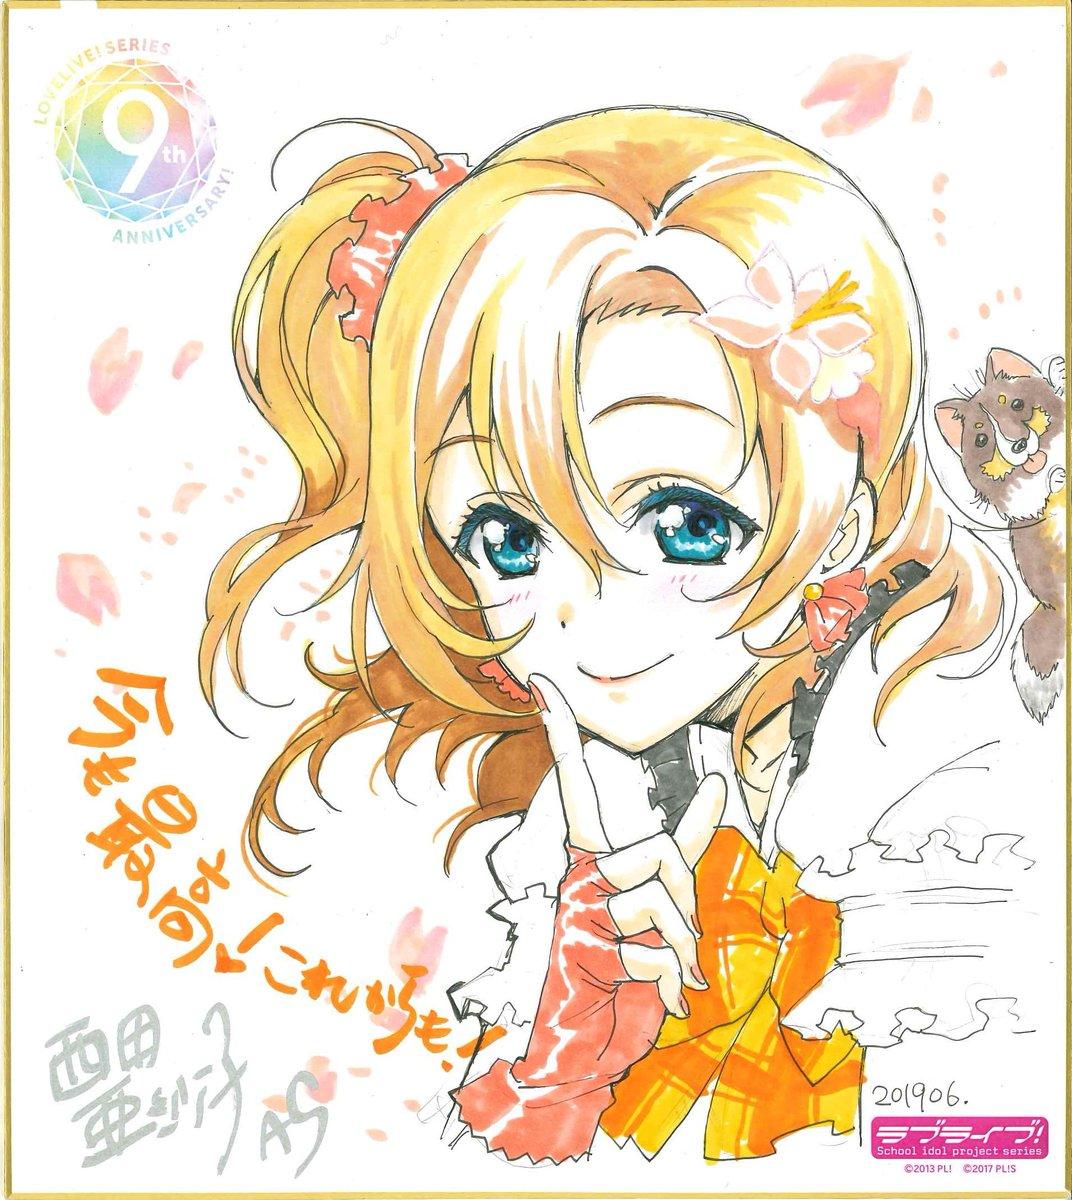 【LL9周年】キャラクターデザイン&アニメーションディレクター・西田亜沙子さんよりお祝いのメッセージを頂きました